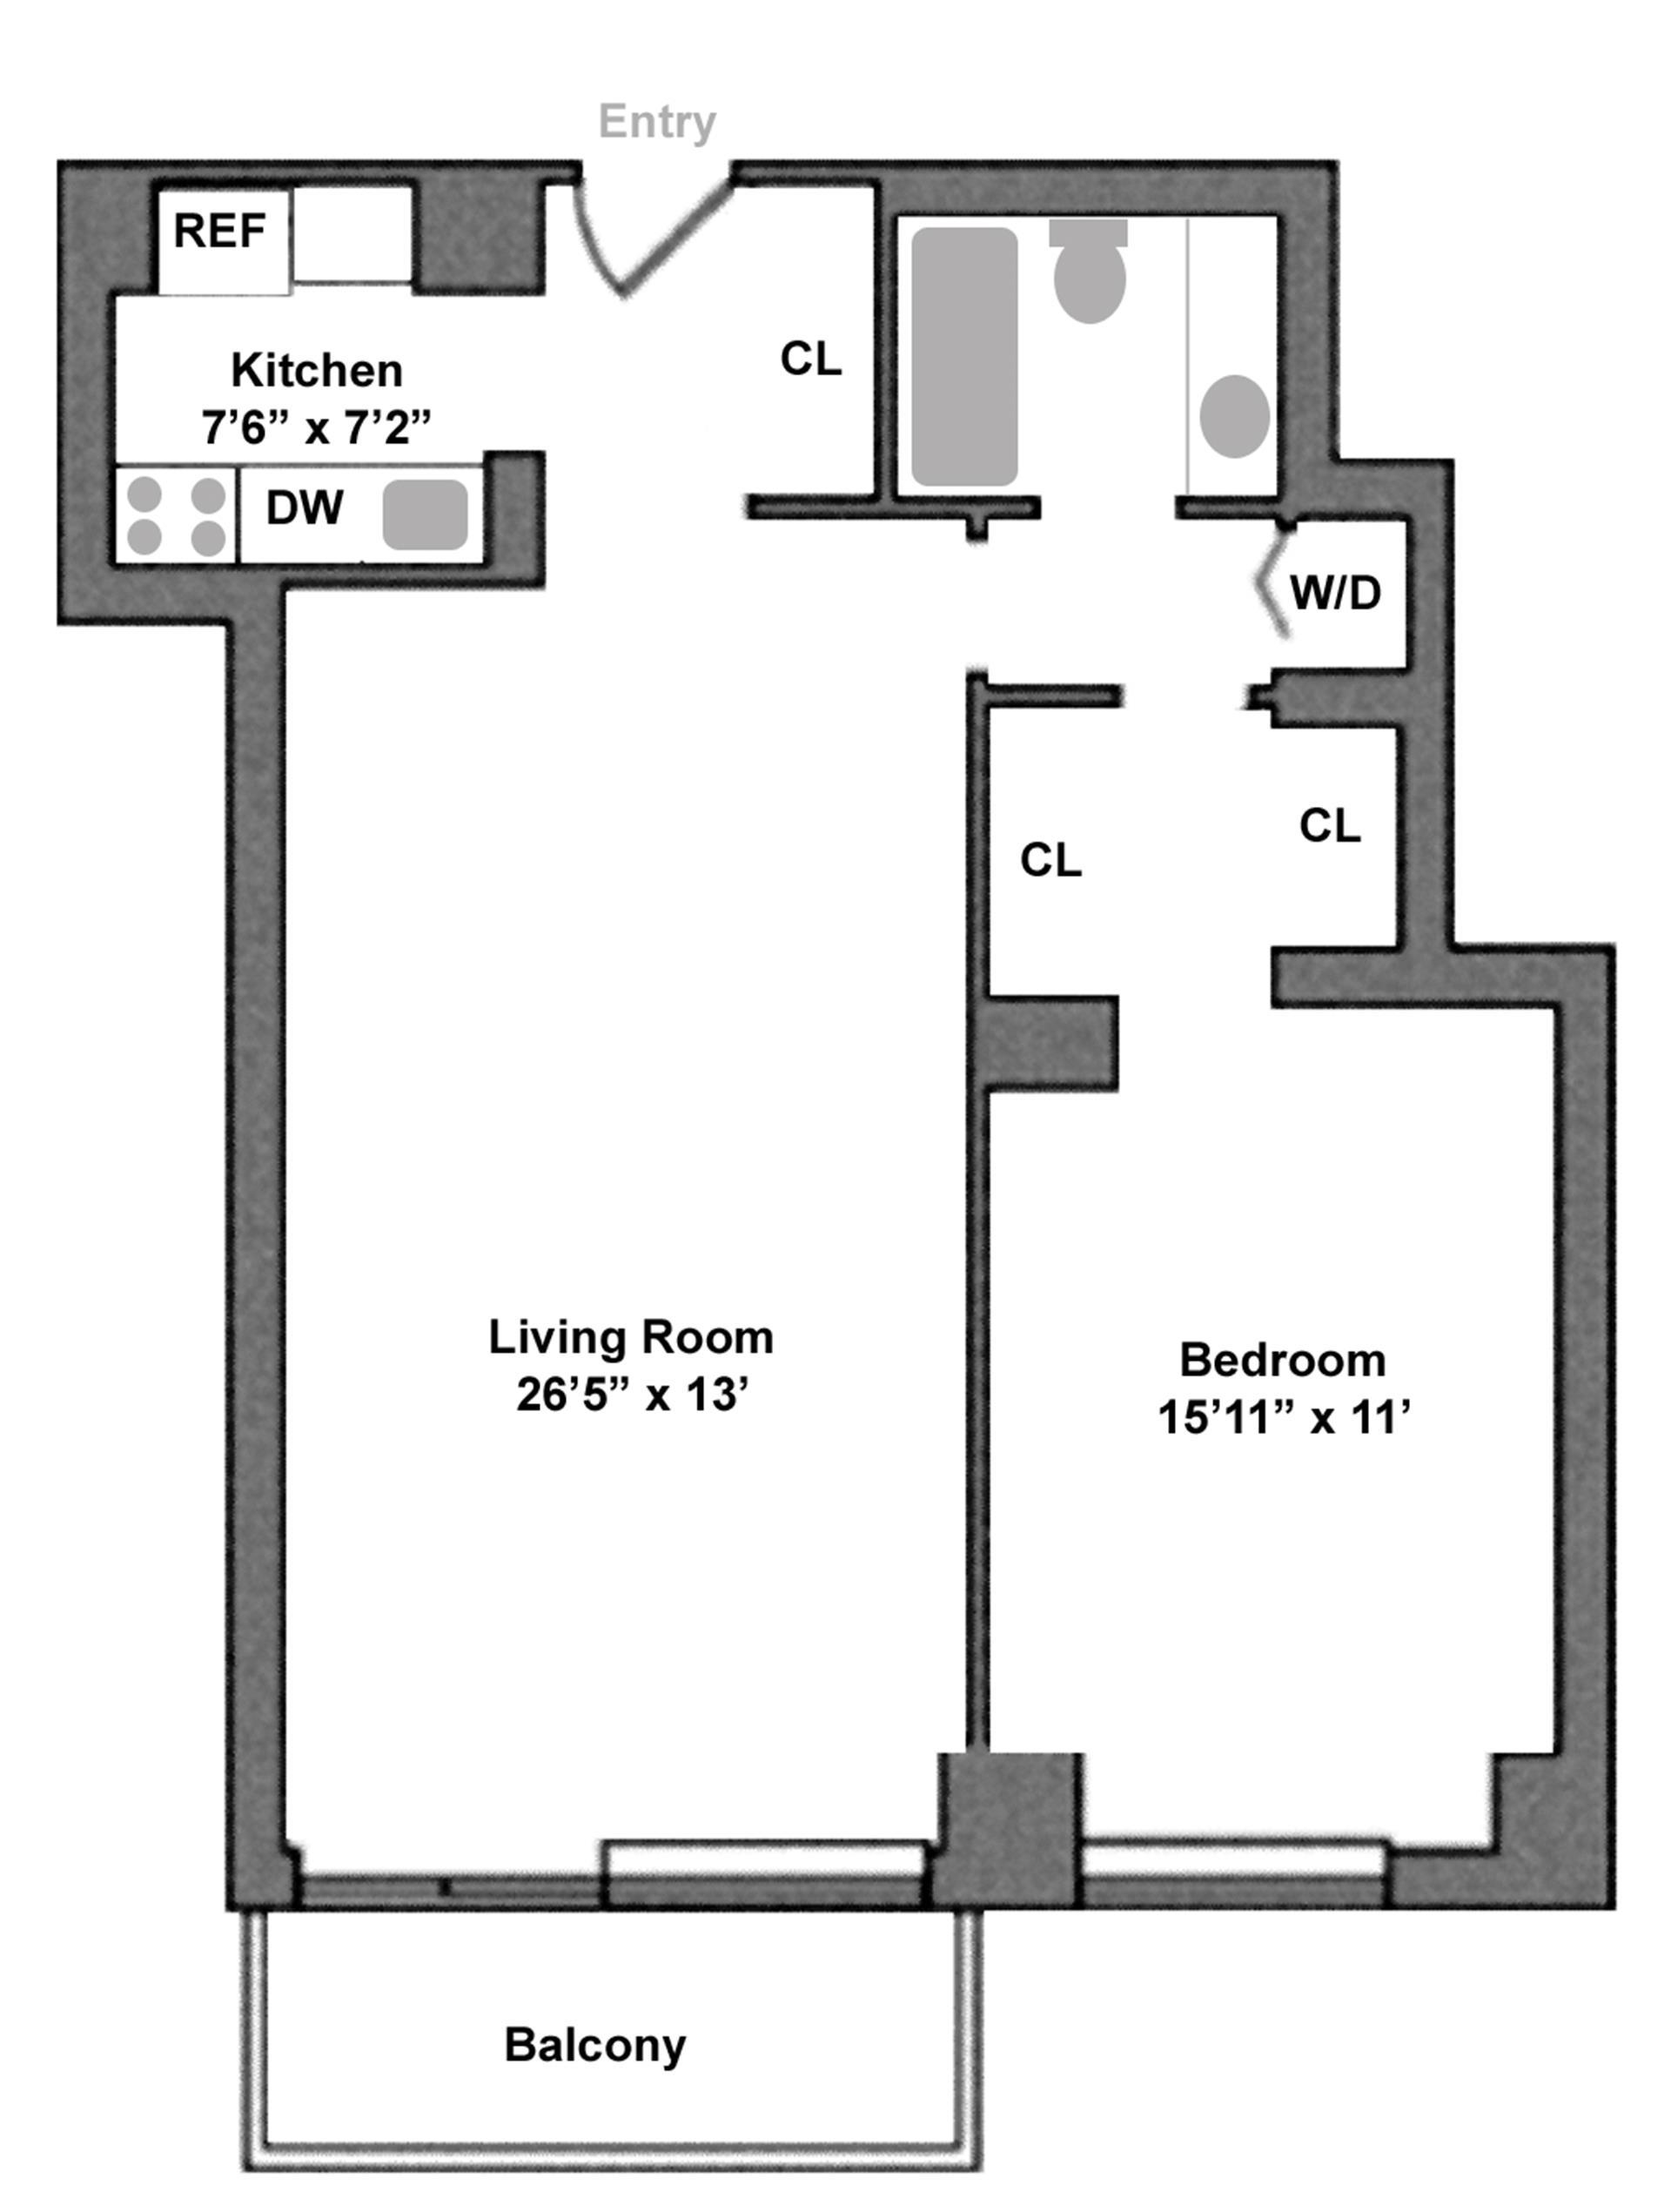 Floor plan of Astor Terrace, 245 East 93rd St, 28F - Upper East Side, New York